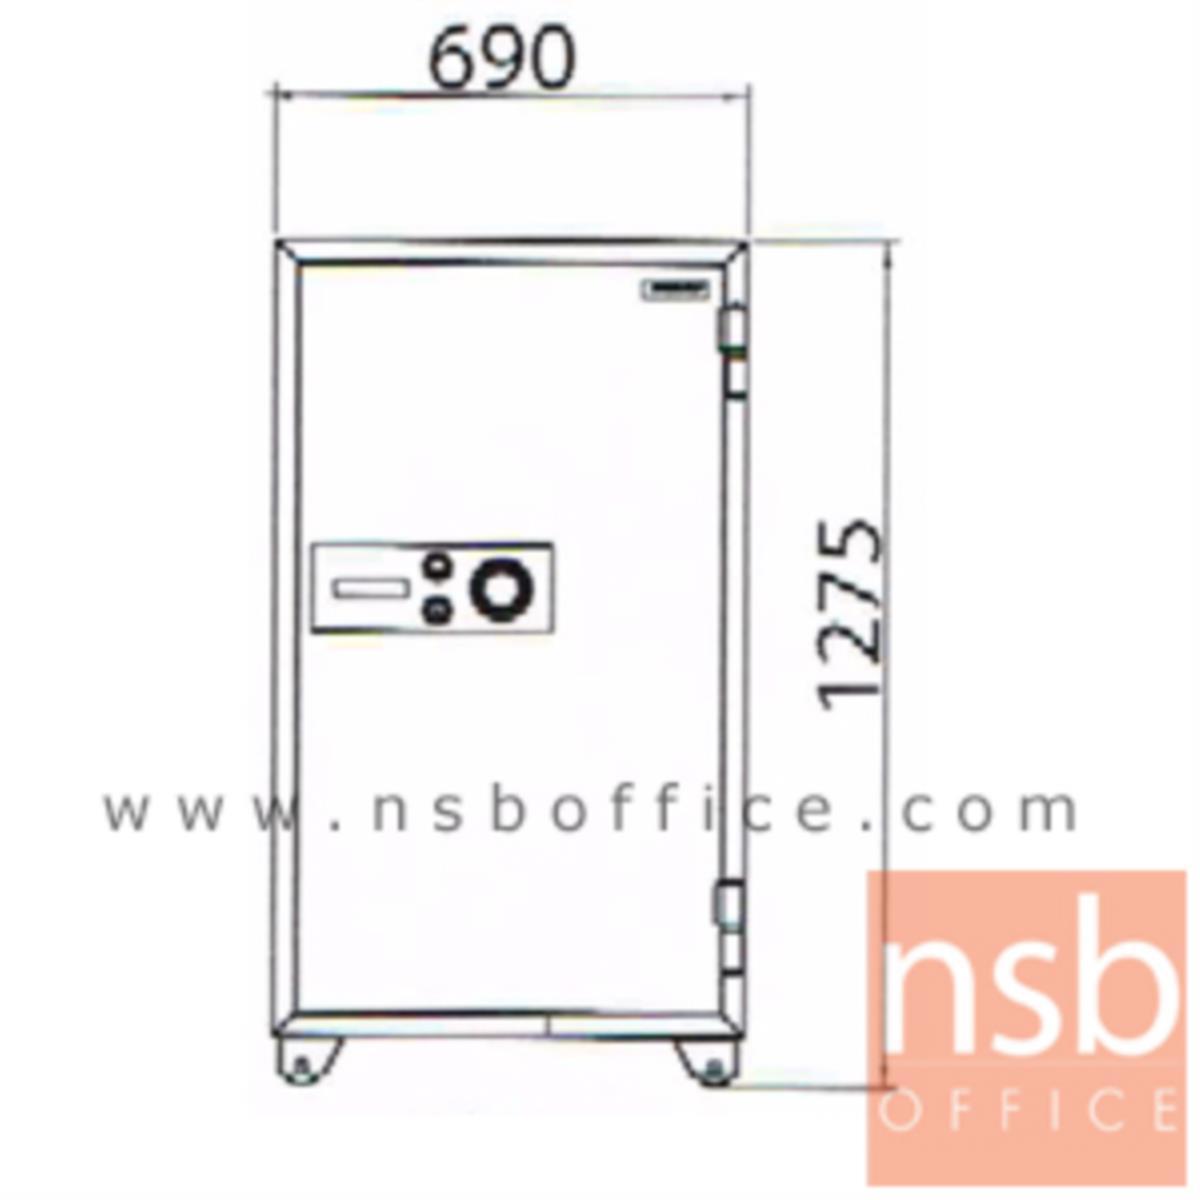 ตู้เซฟนิรภัยชนิดหมุน 295 กก. รุ่น PRESIDENT-SB60 มี 2 กุญแจ 1 รหัส (รหัสใช้หมุนหน้าตู้)